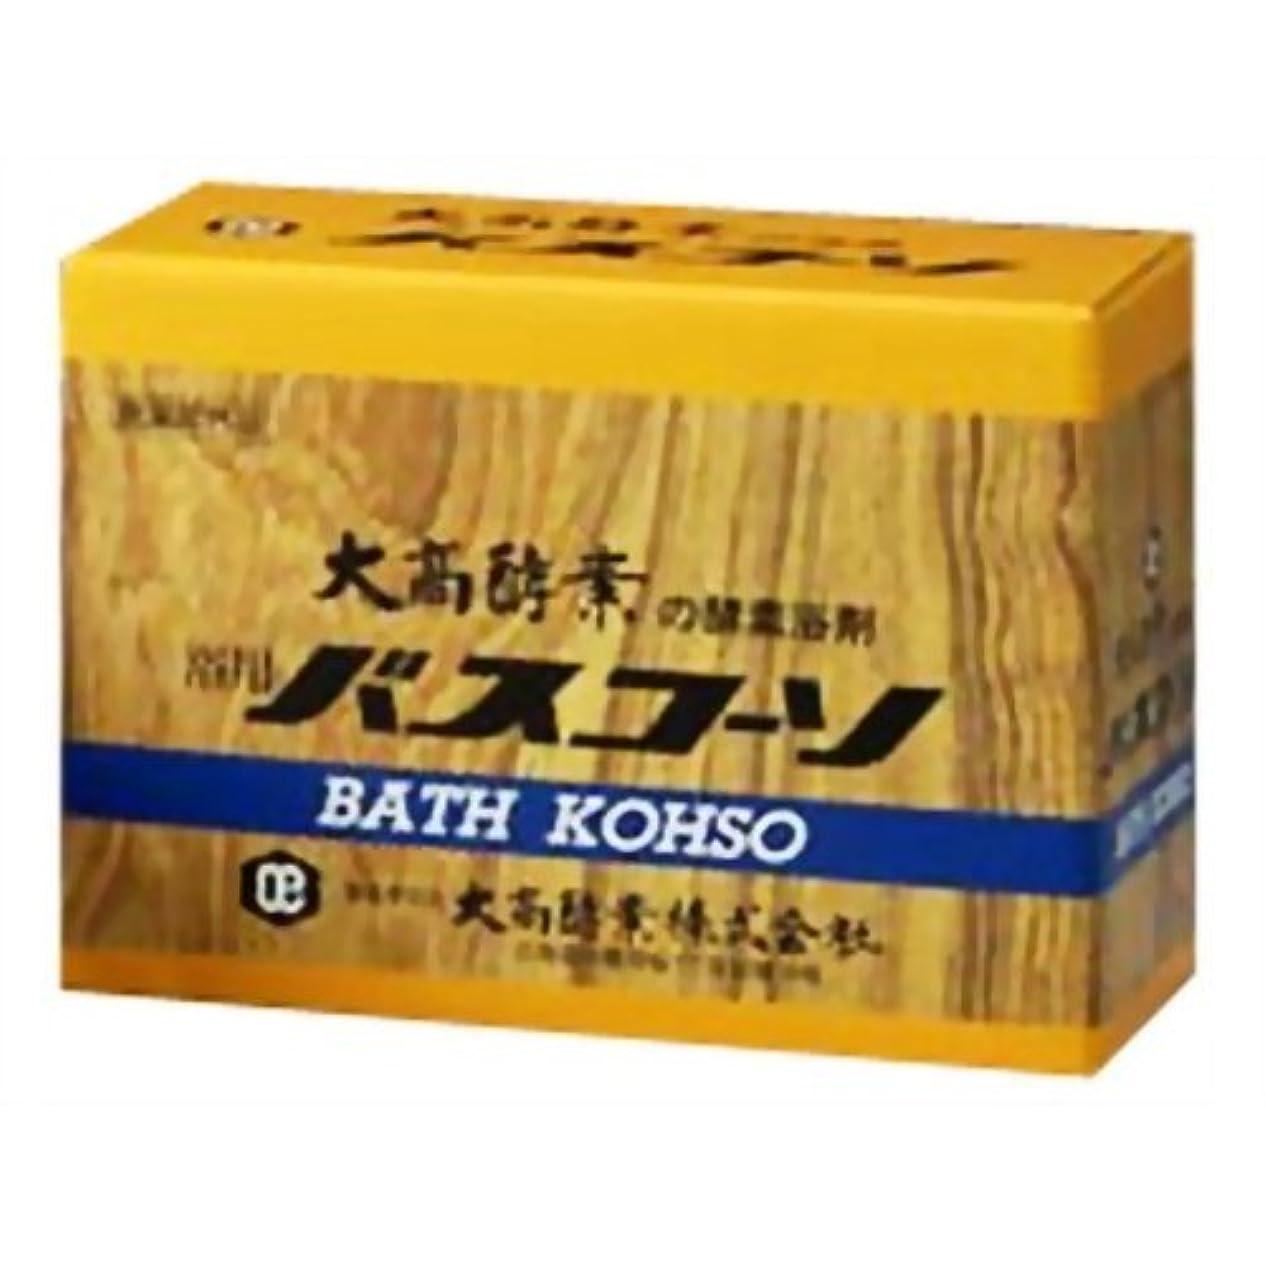 厄介なラダプレミアム大高酵素 浴用バスコーソ 100gx6